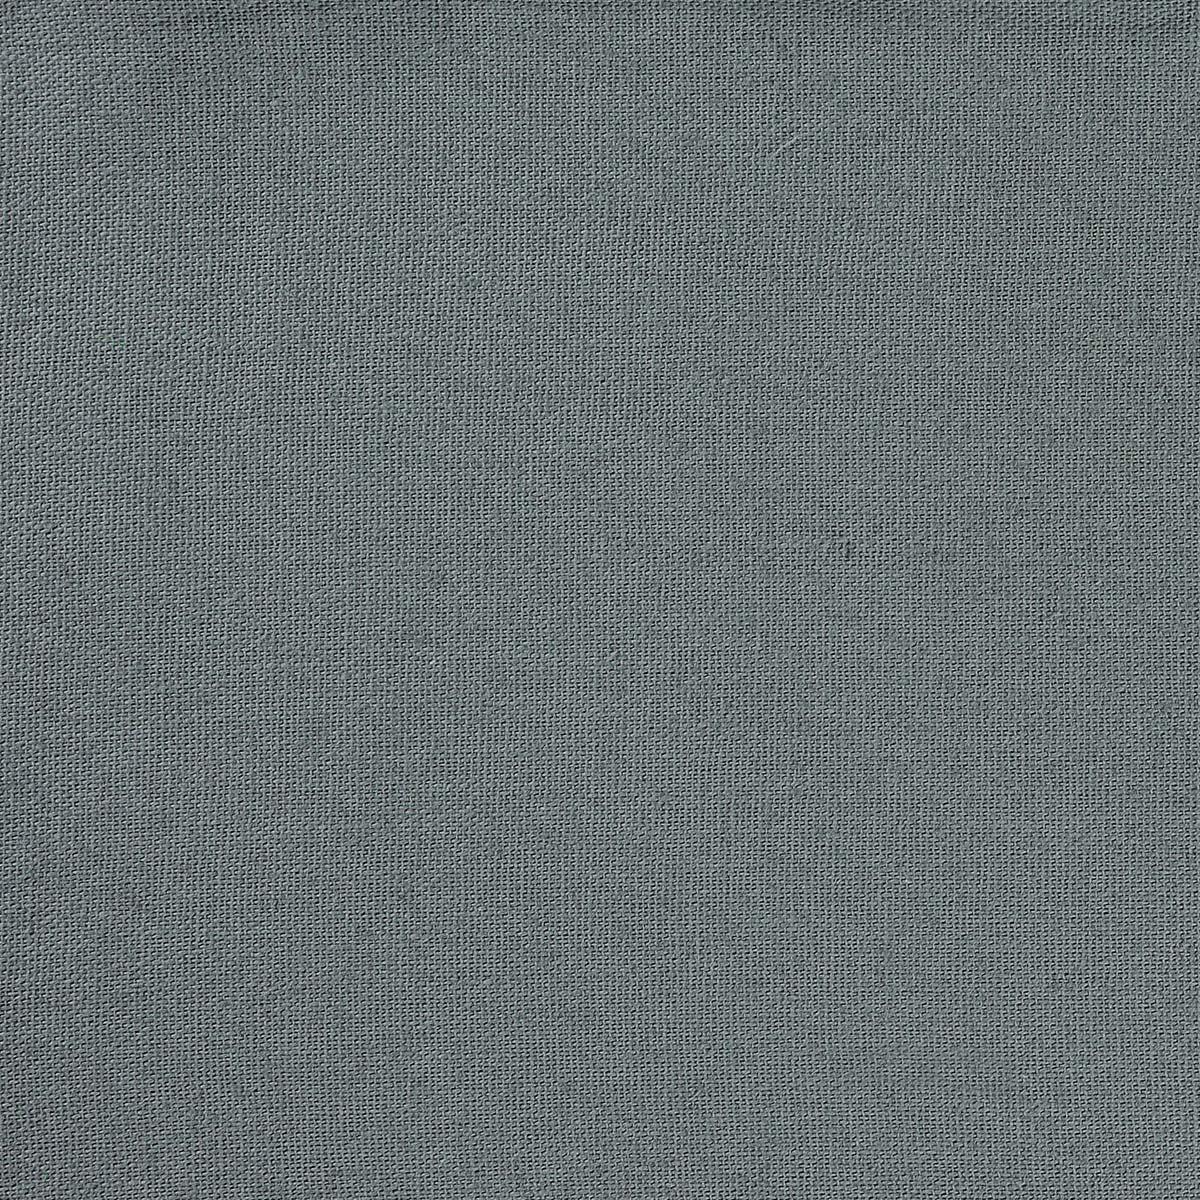 Tissu en coton et chanvre - Gris Foncé - 1.4 m